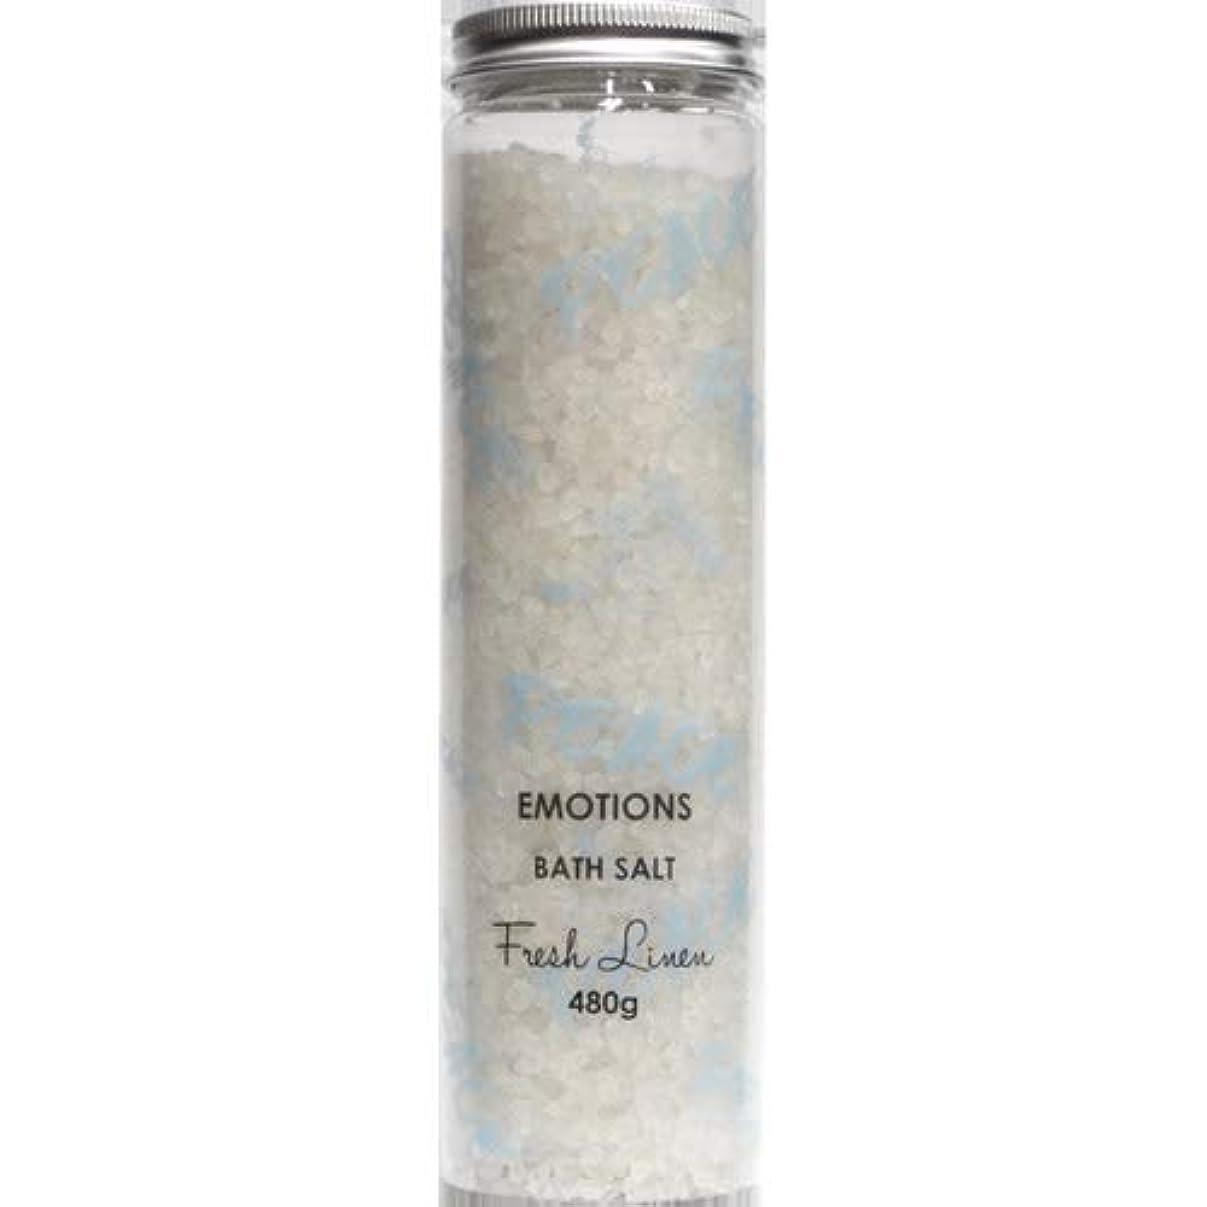 仲間ほめる出席三和トレーディング EMOTIONS エモーション Fragranced Bath Salts バスソルト Peace ピース(Fresh Linen フレッシュリネン)